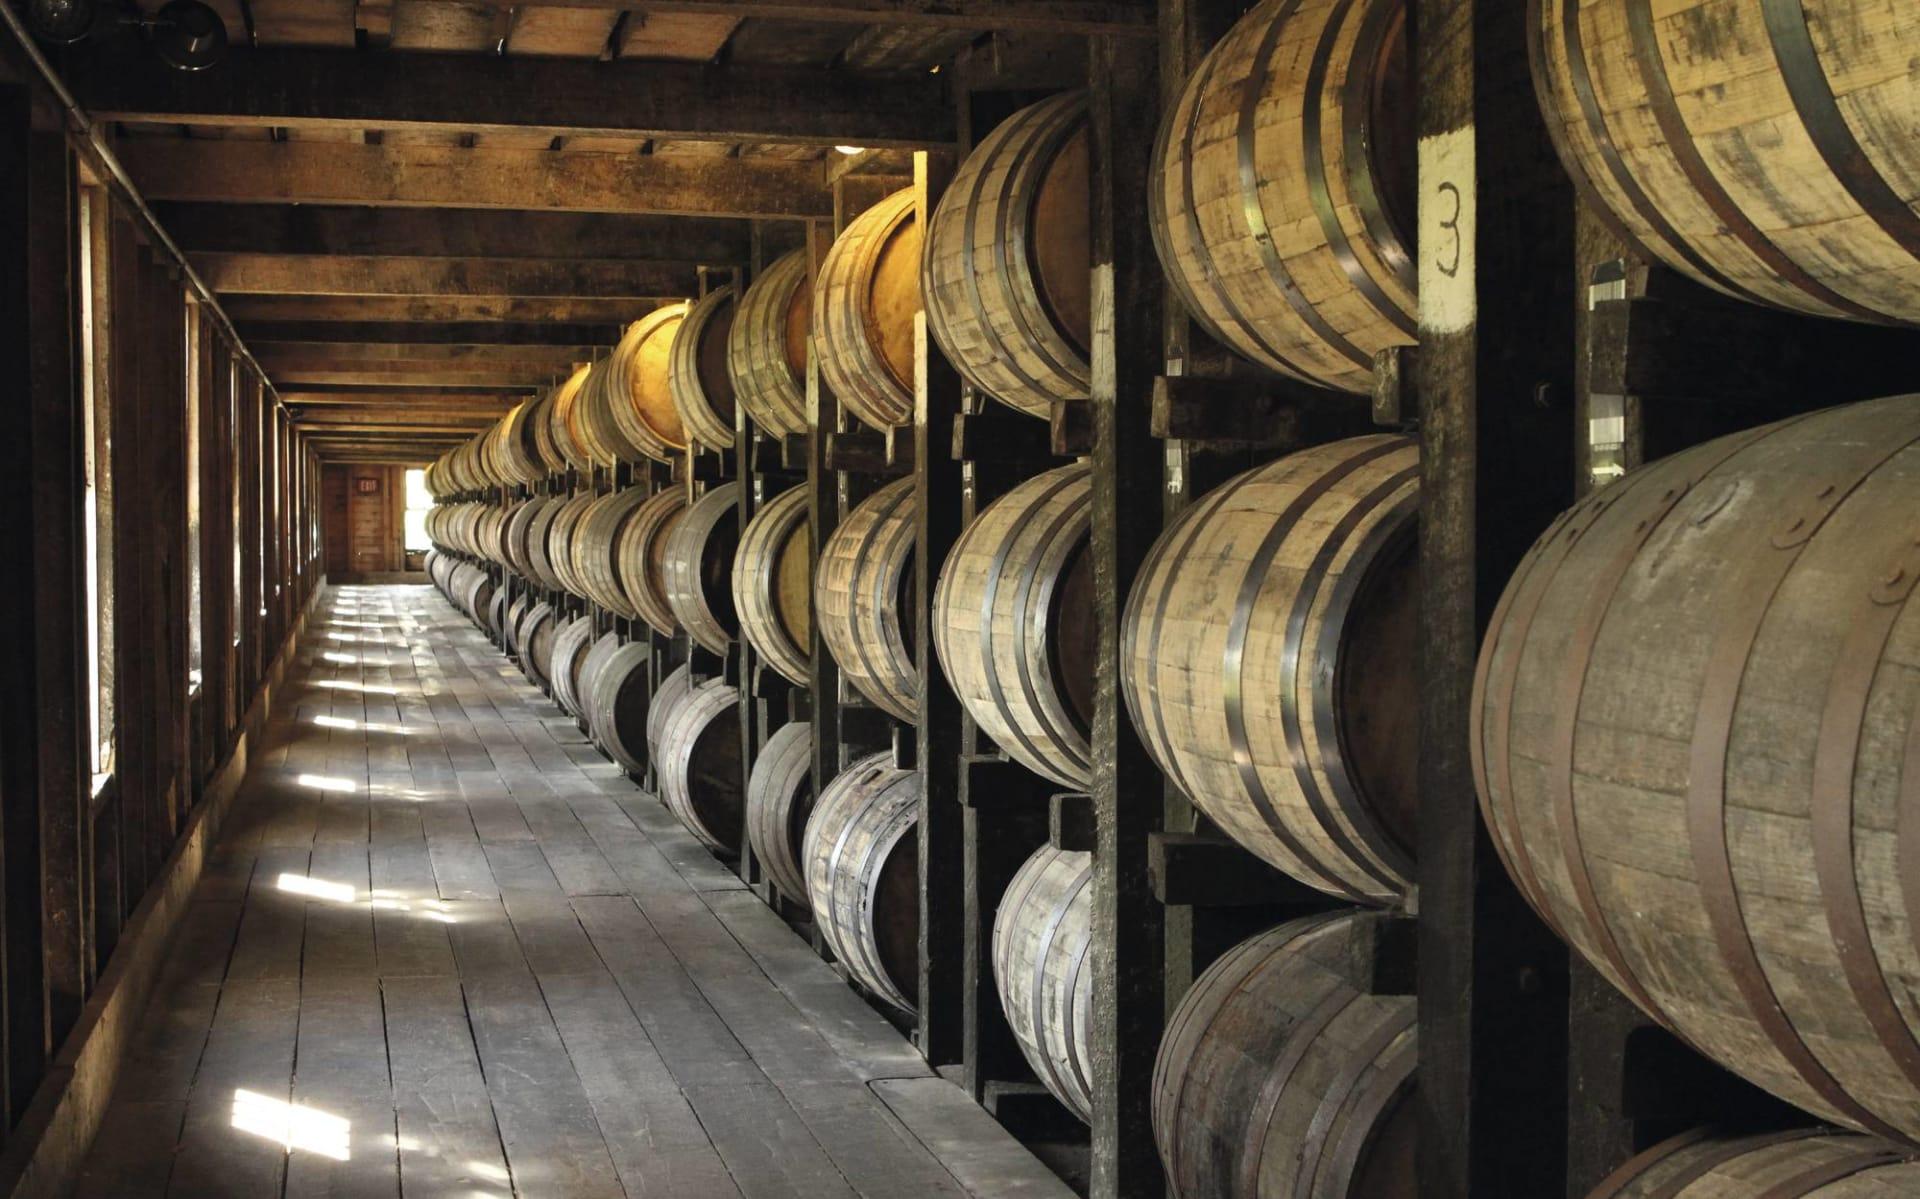 Music and Bourbon ab Nashville: Whiskey Barrels